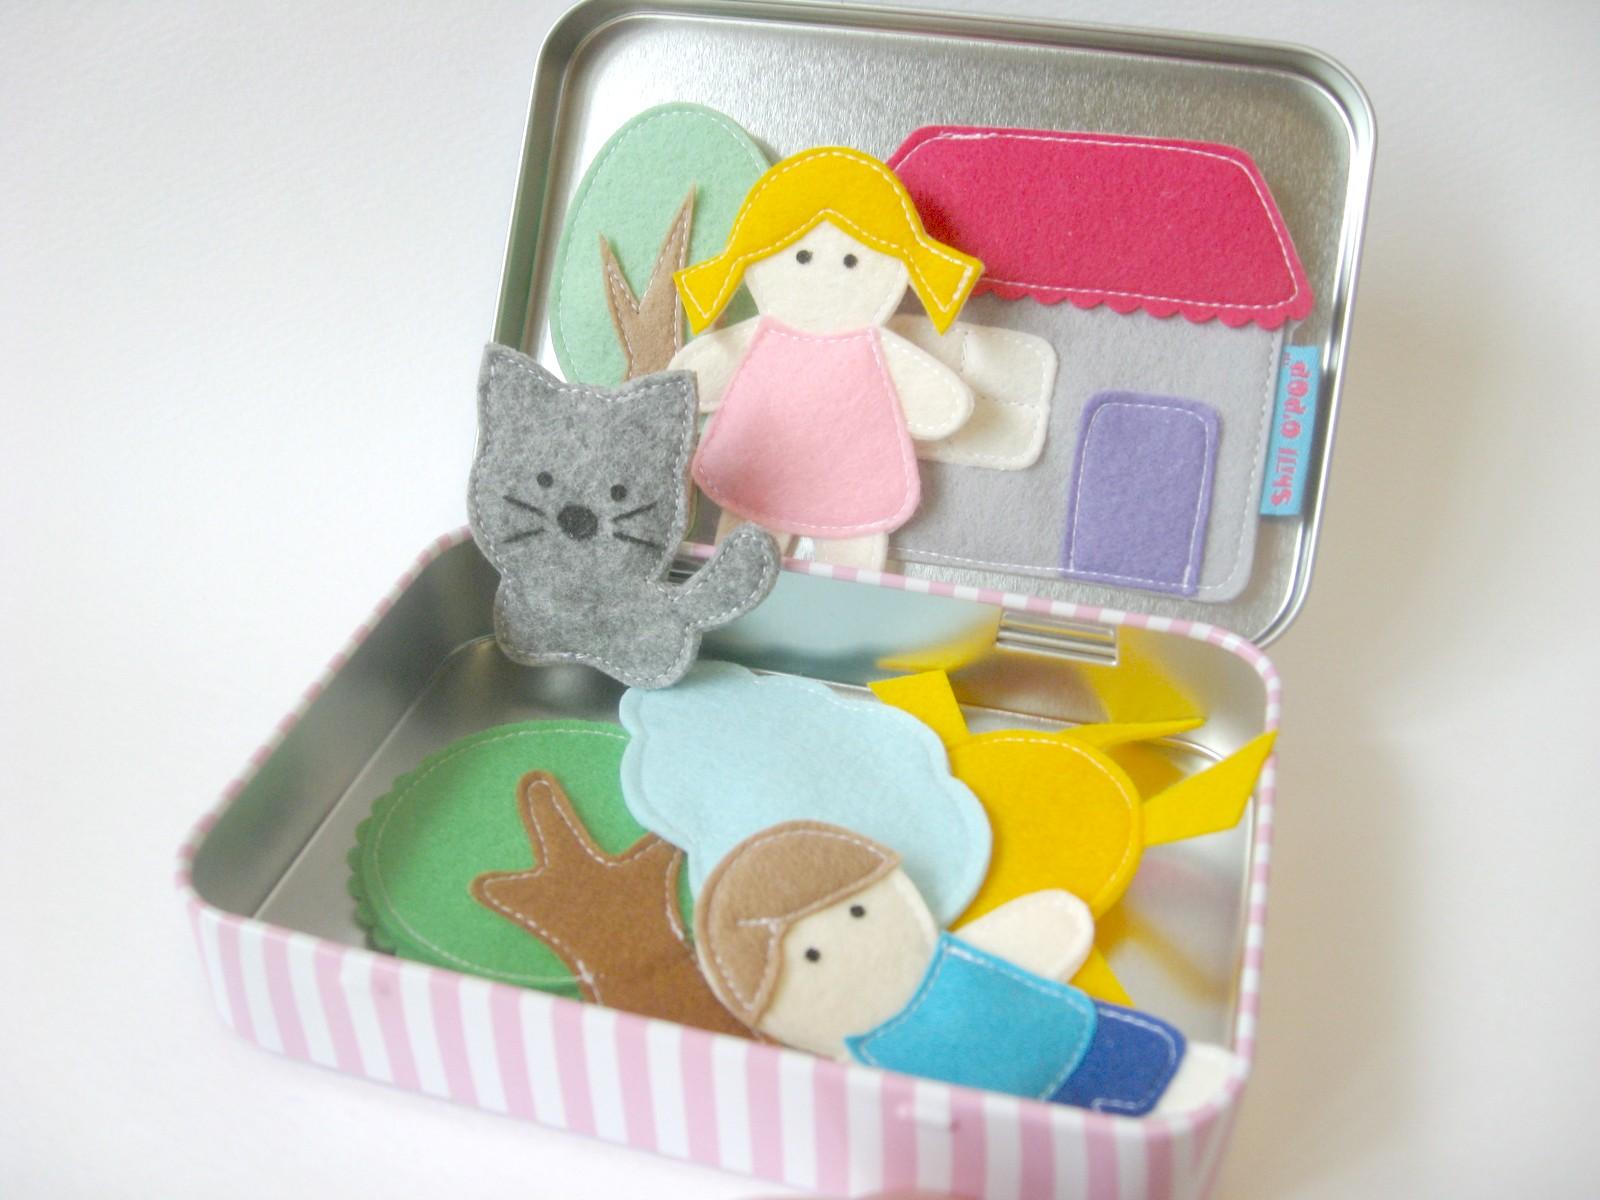 магнитые игрушки из фетра выкройки и мастер-класс по пошиву